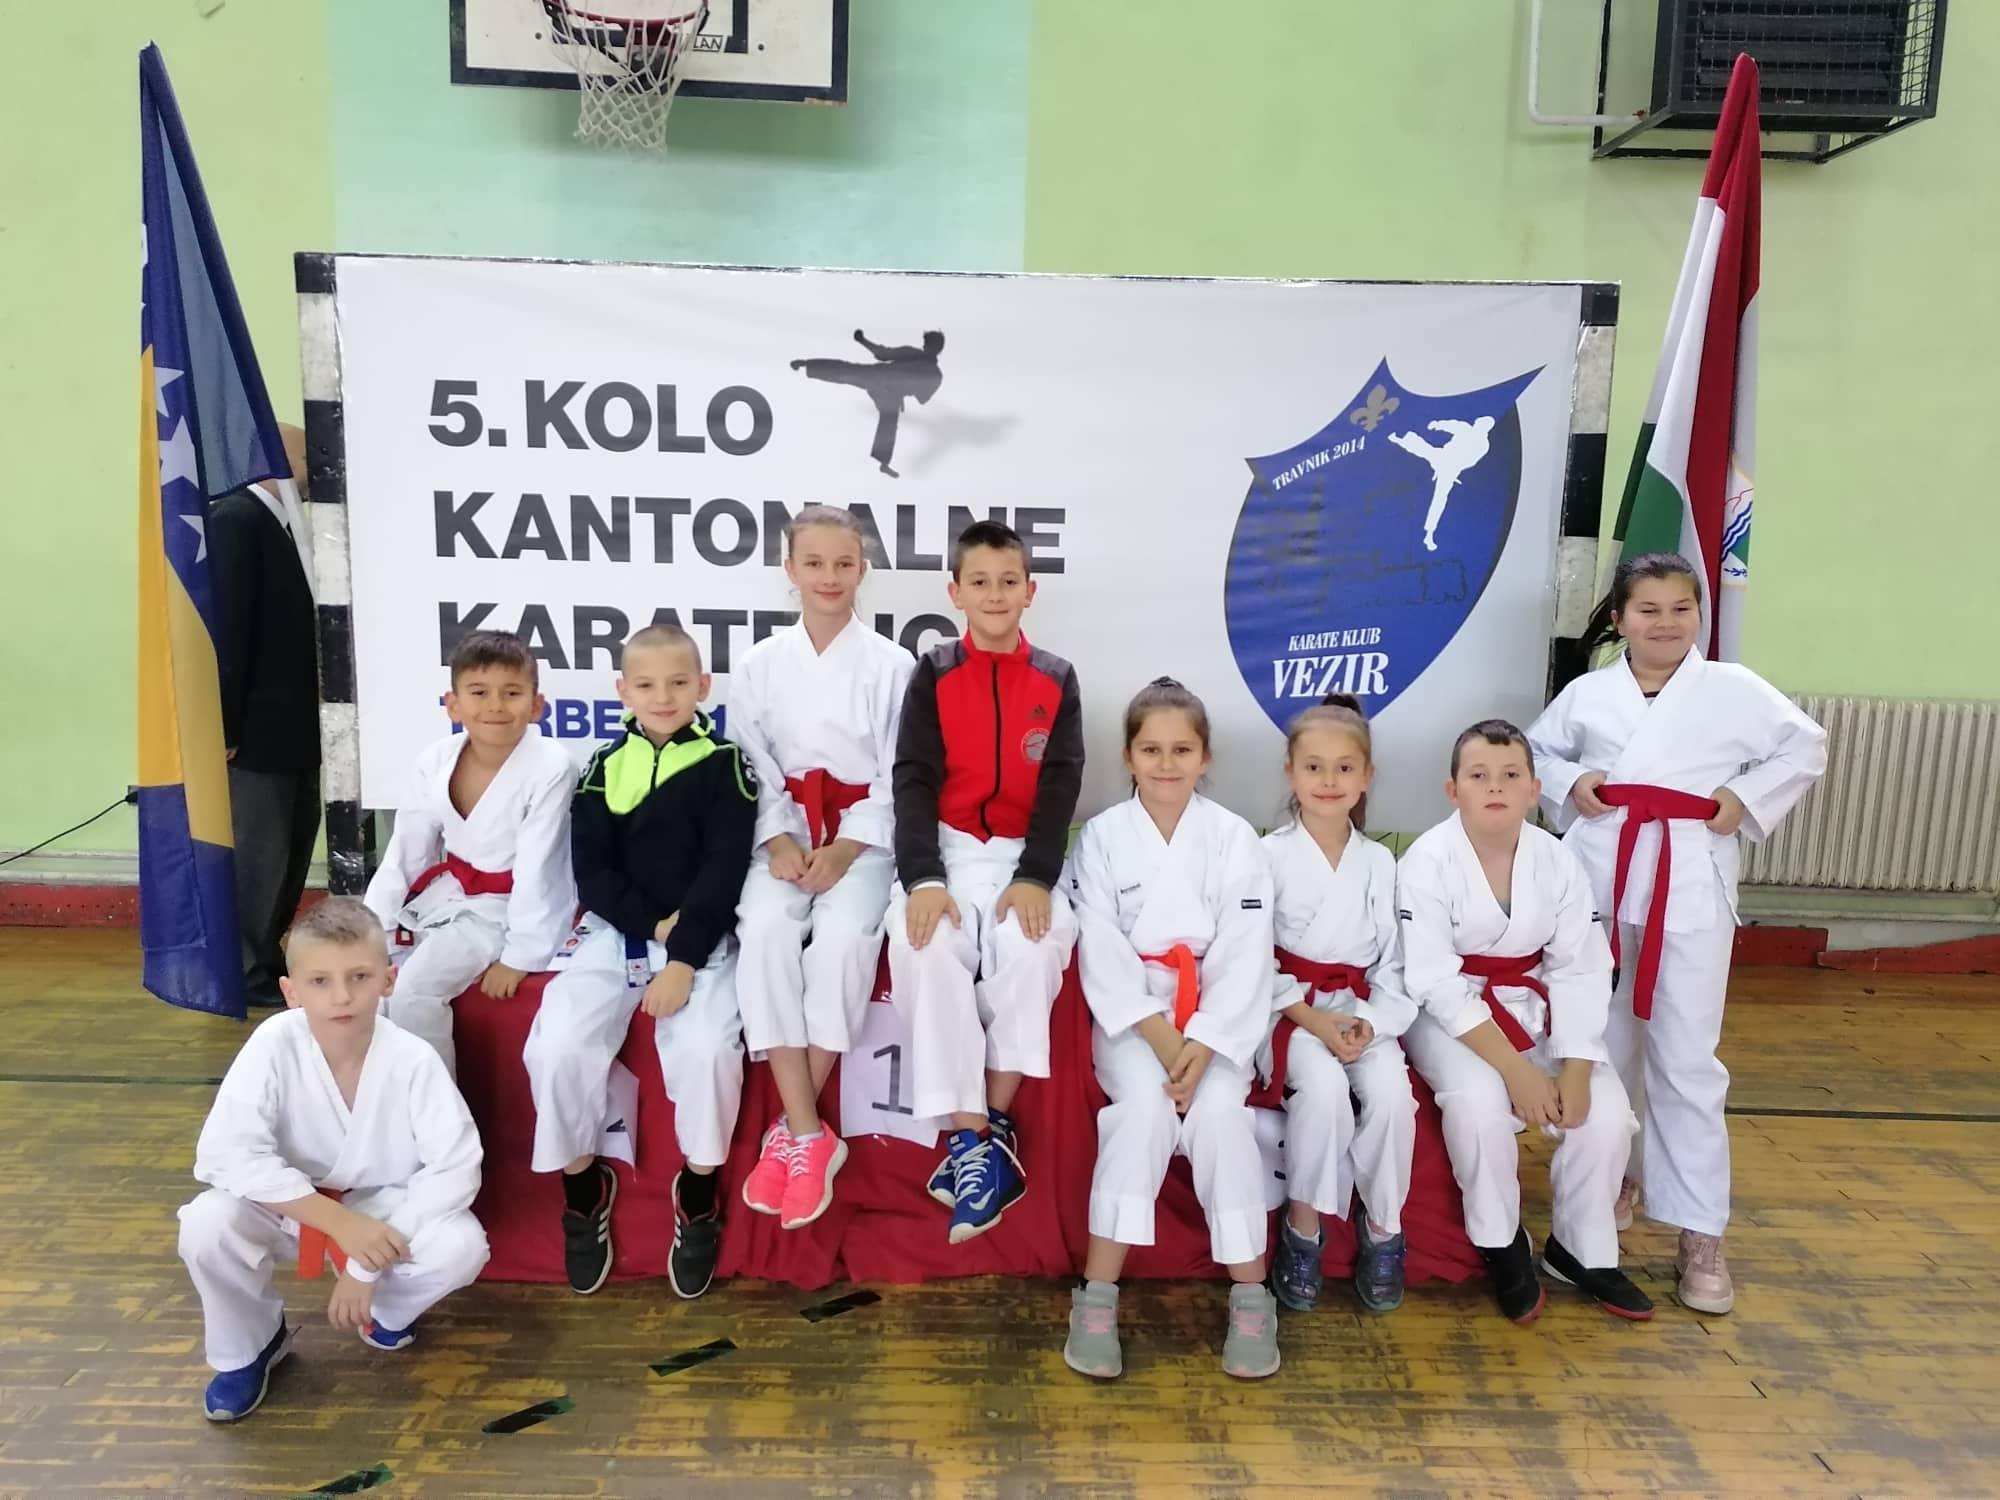 5.kolo kantonalne karate lige SBK/KSB, Turbe